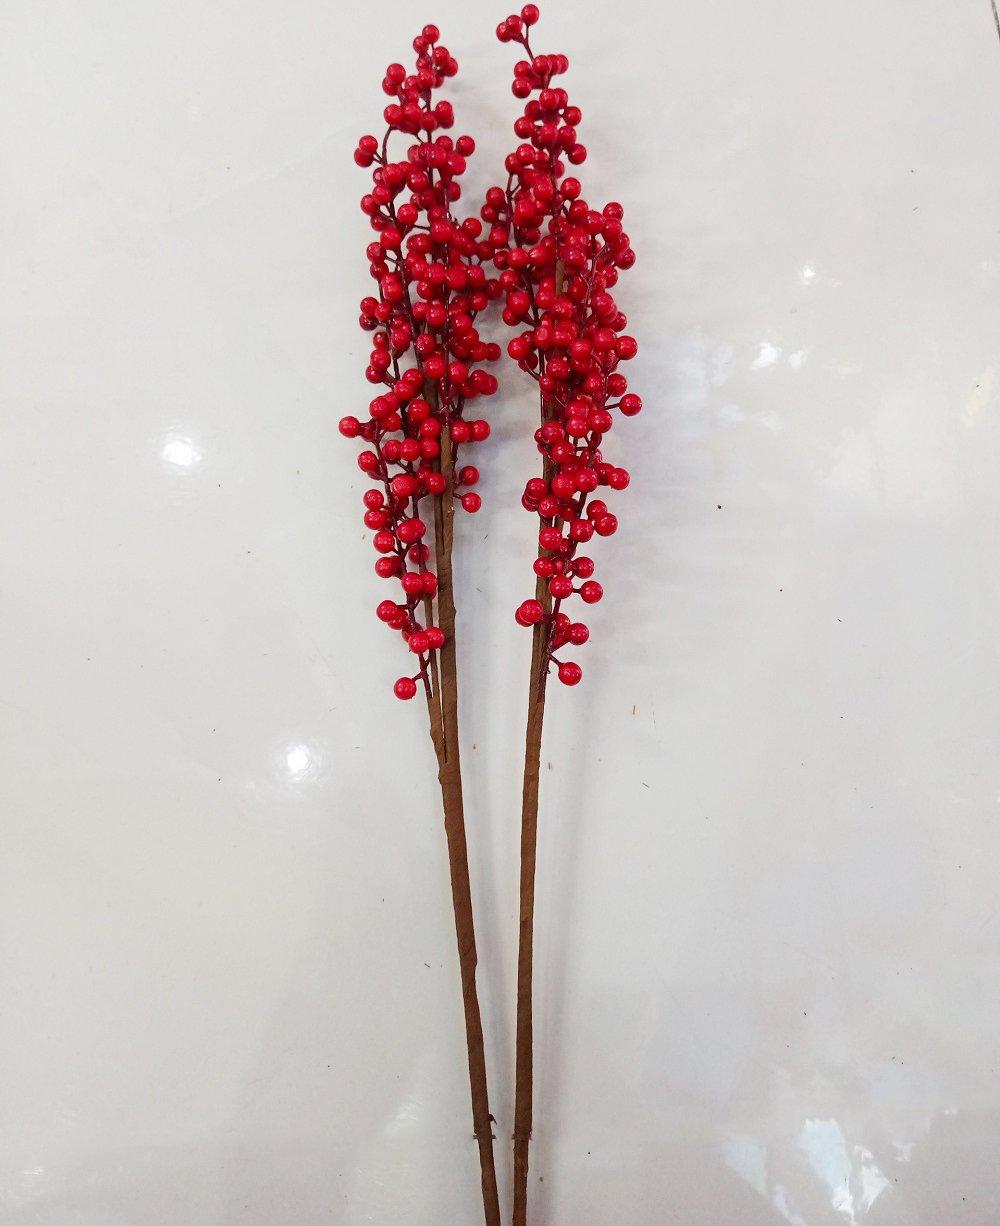 Cành đào đỏ không lá trang trí tết 70cm